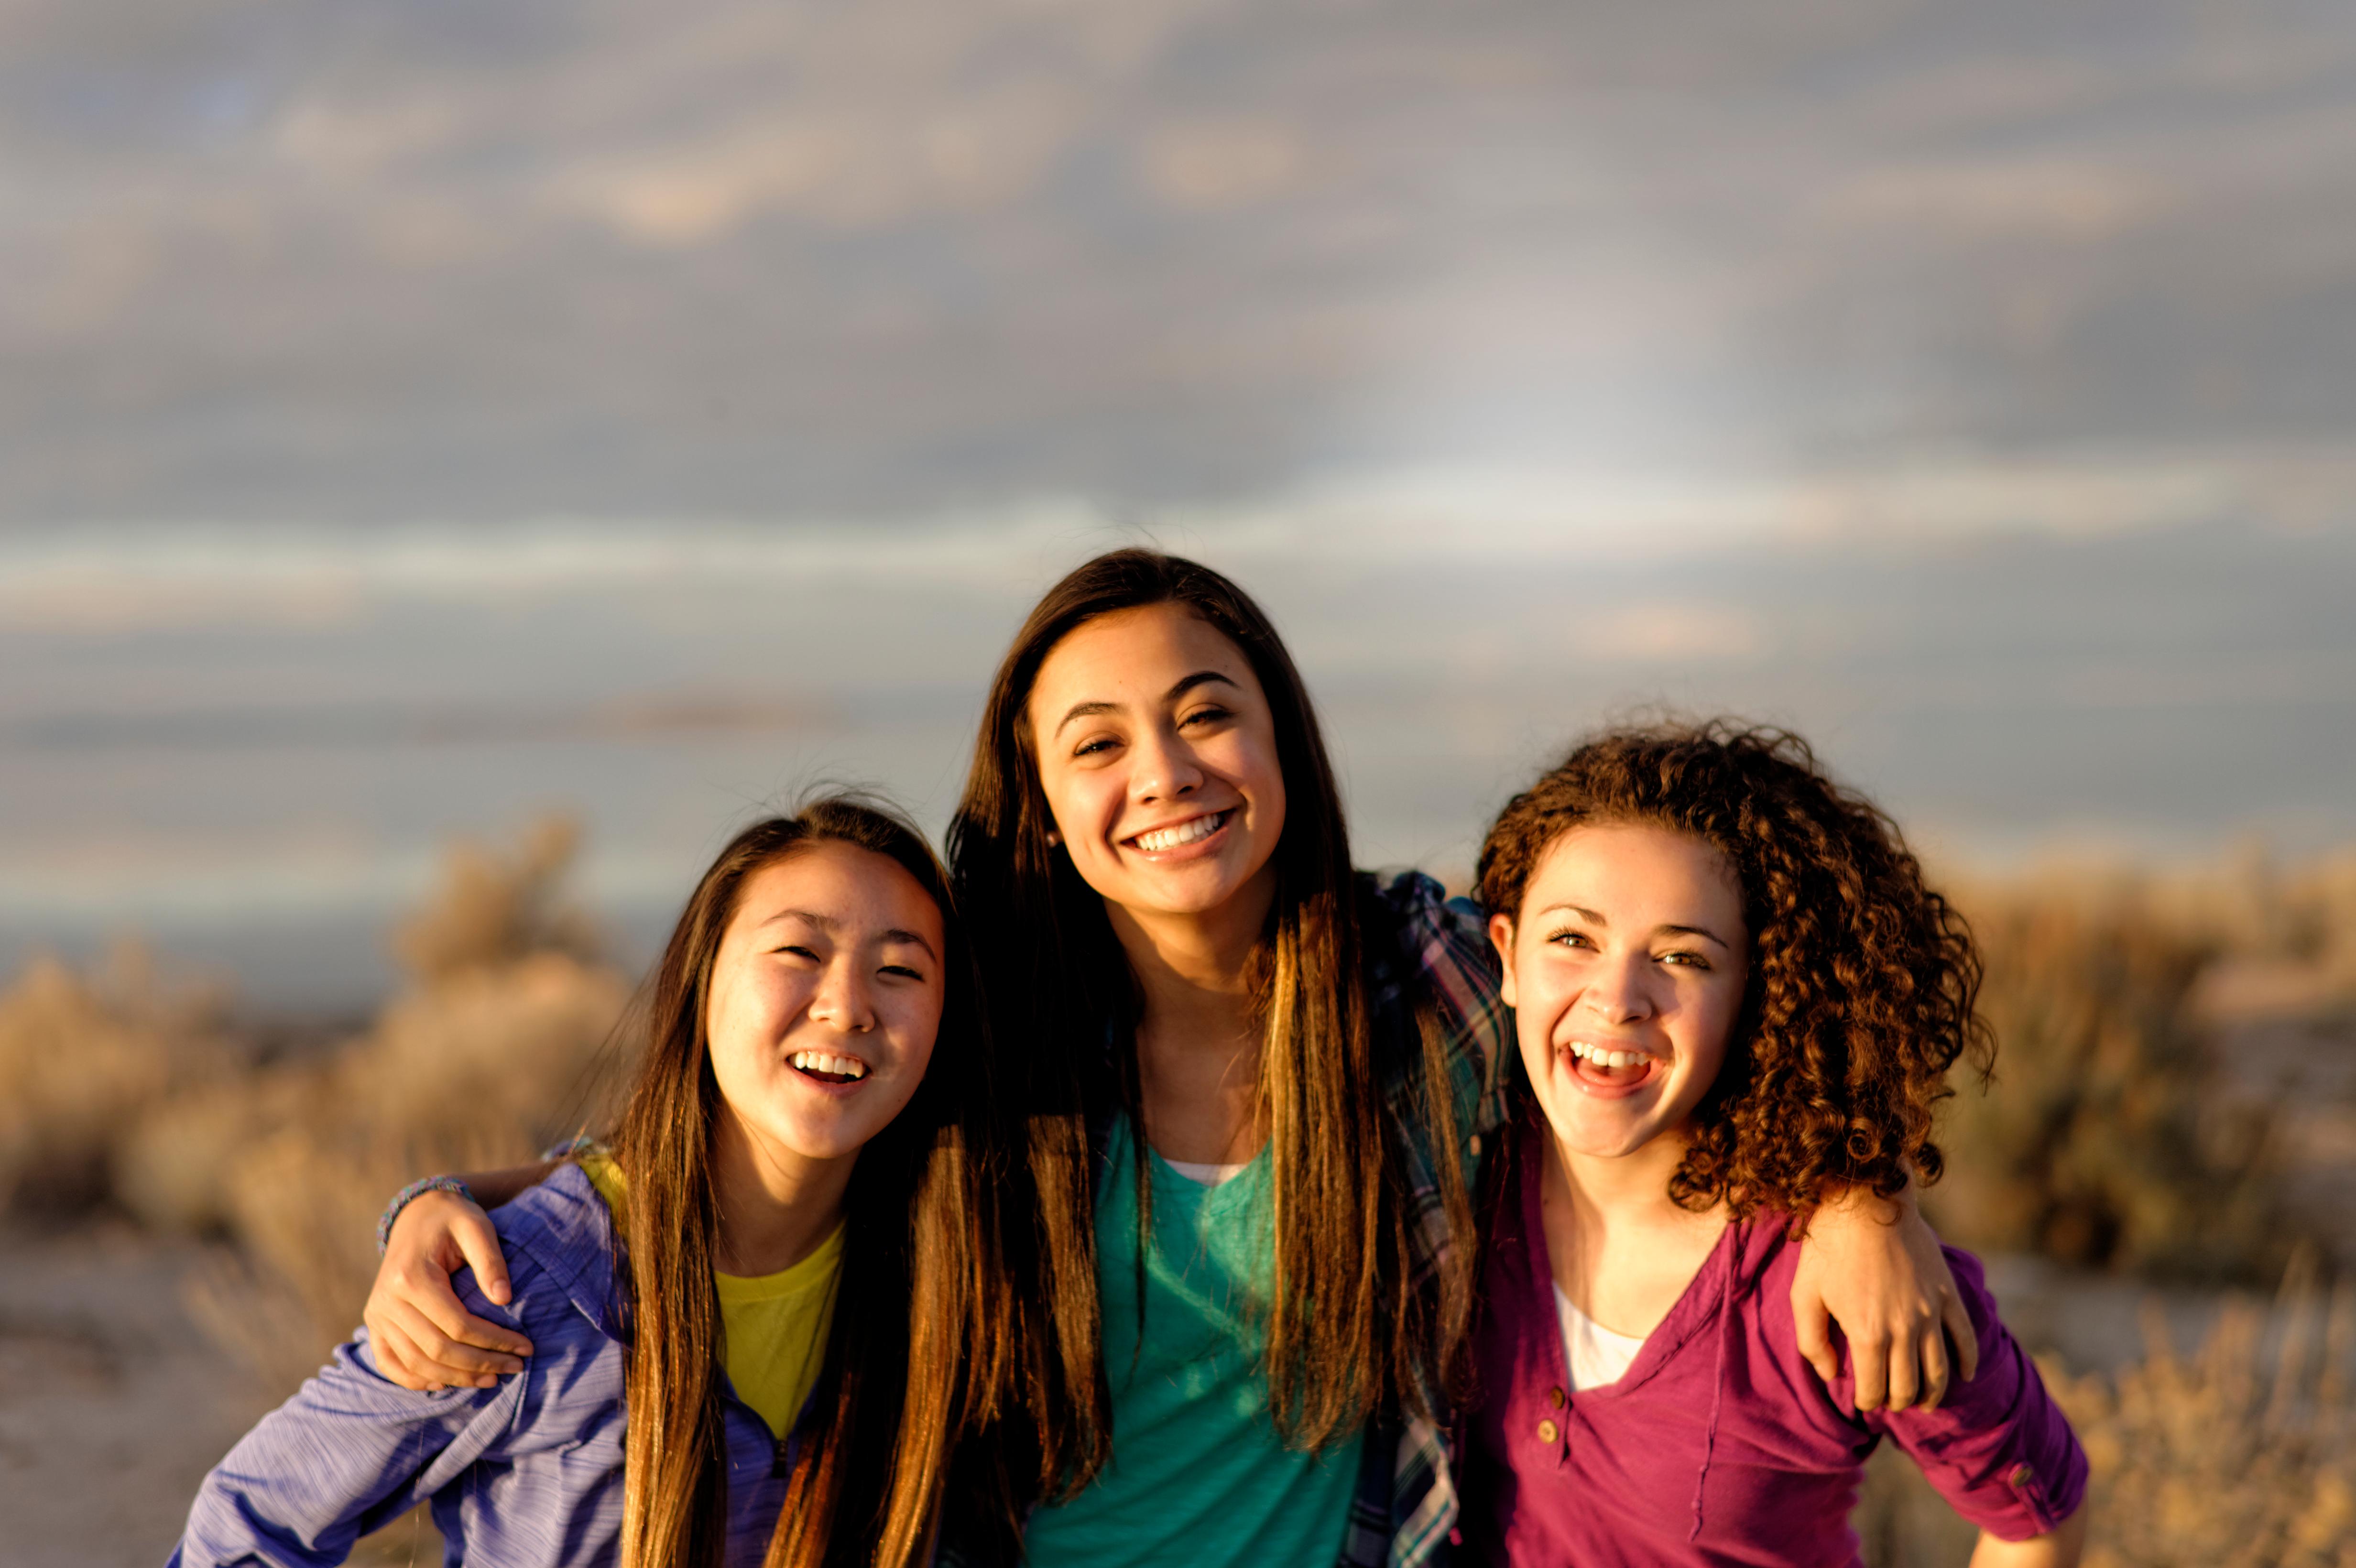 wie können jugendliche zu finden, sich geistig